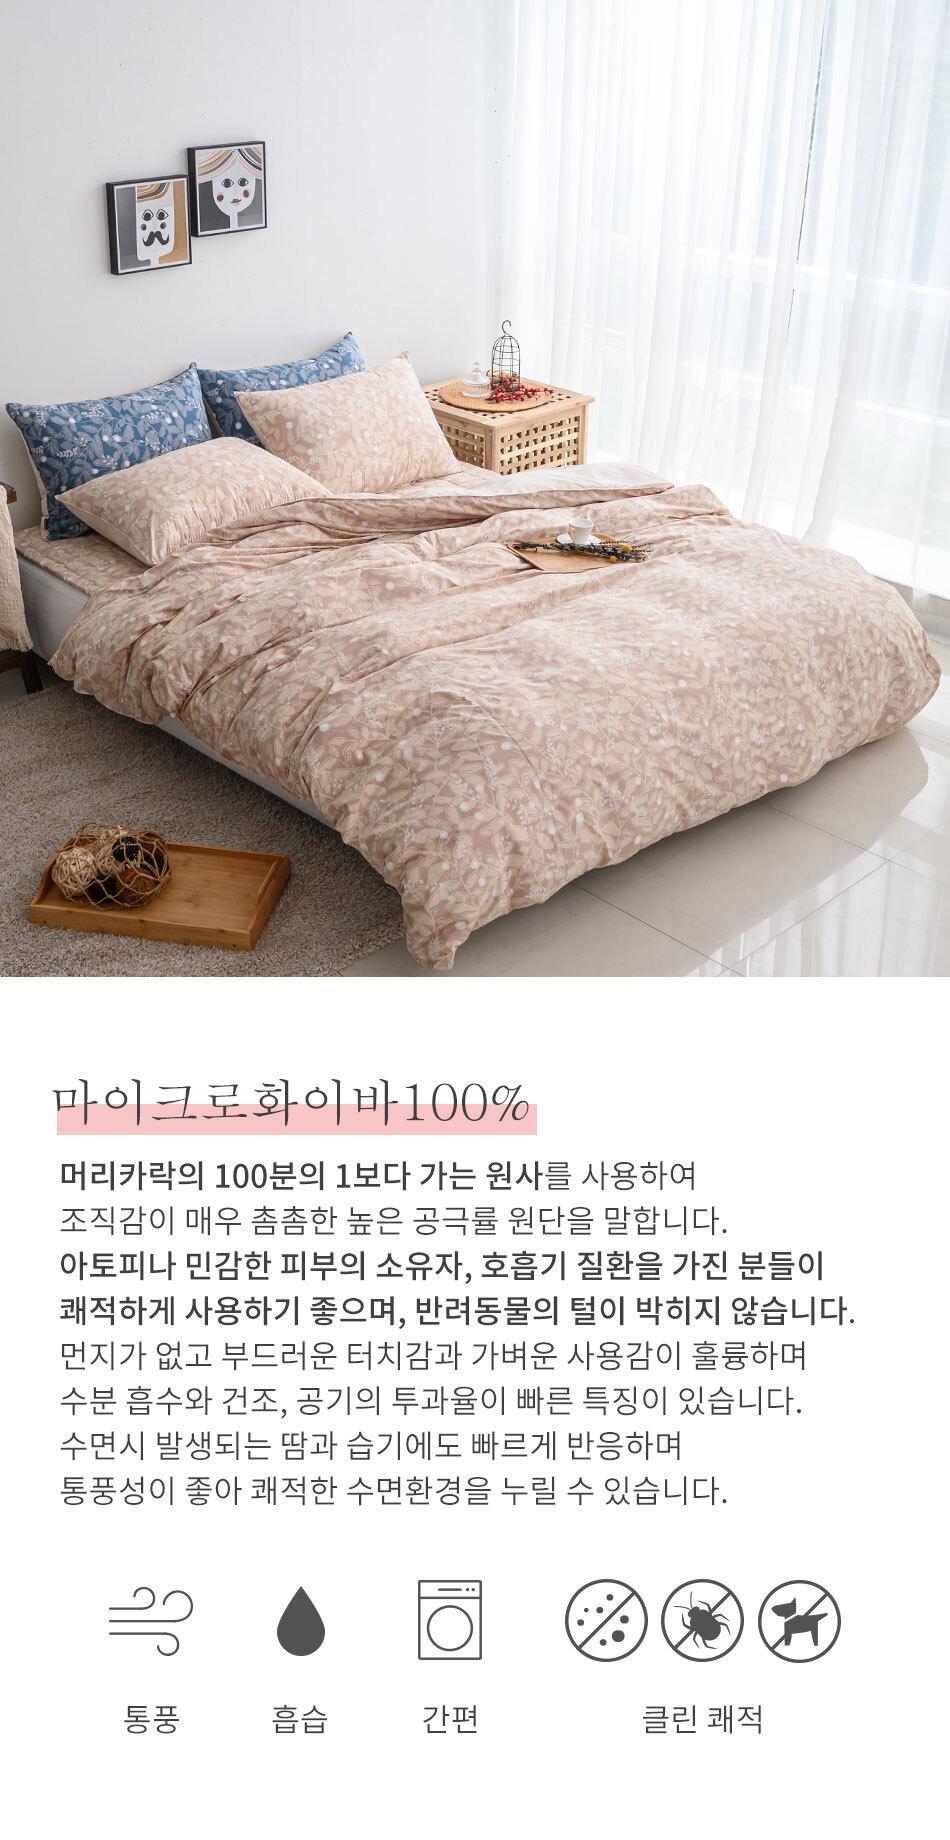 kassy_cover_top_02.jpg